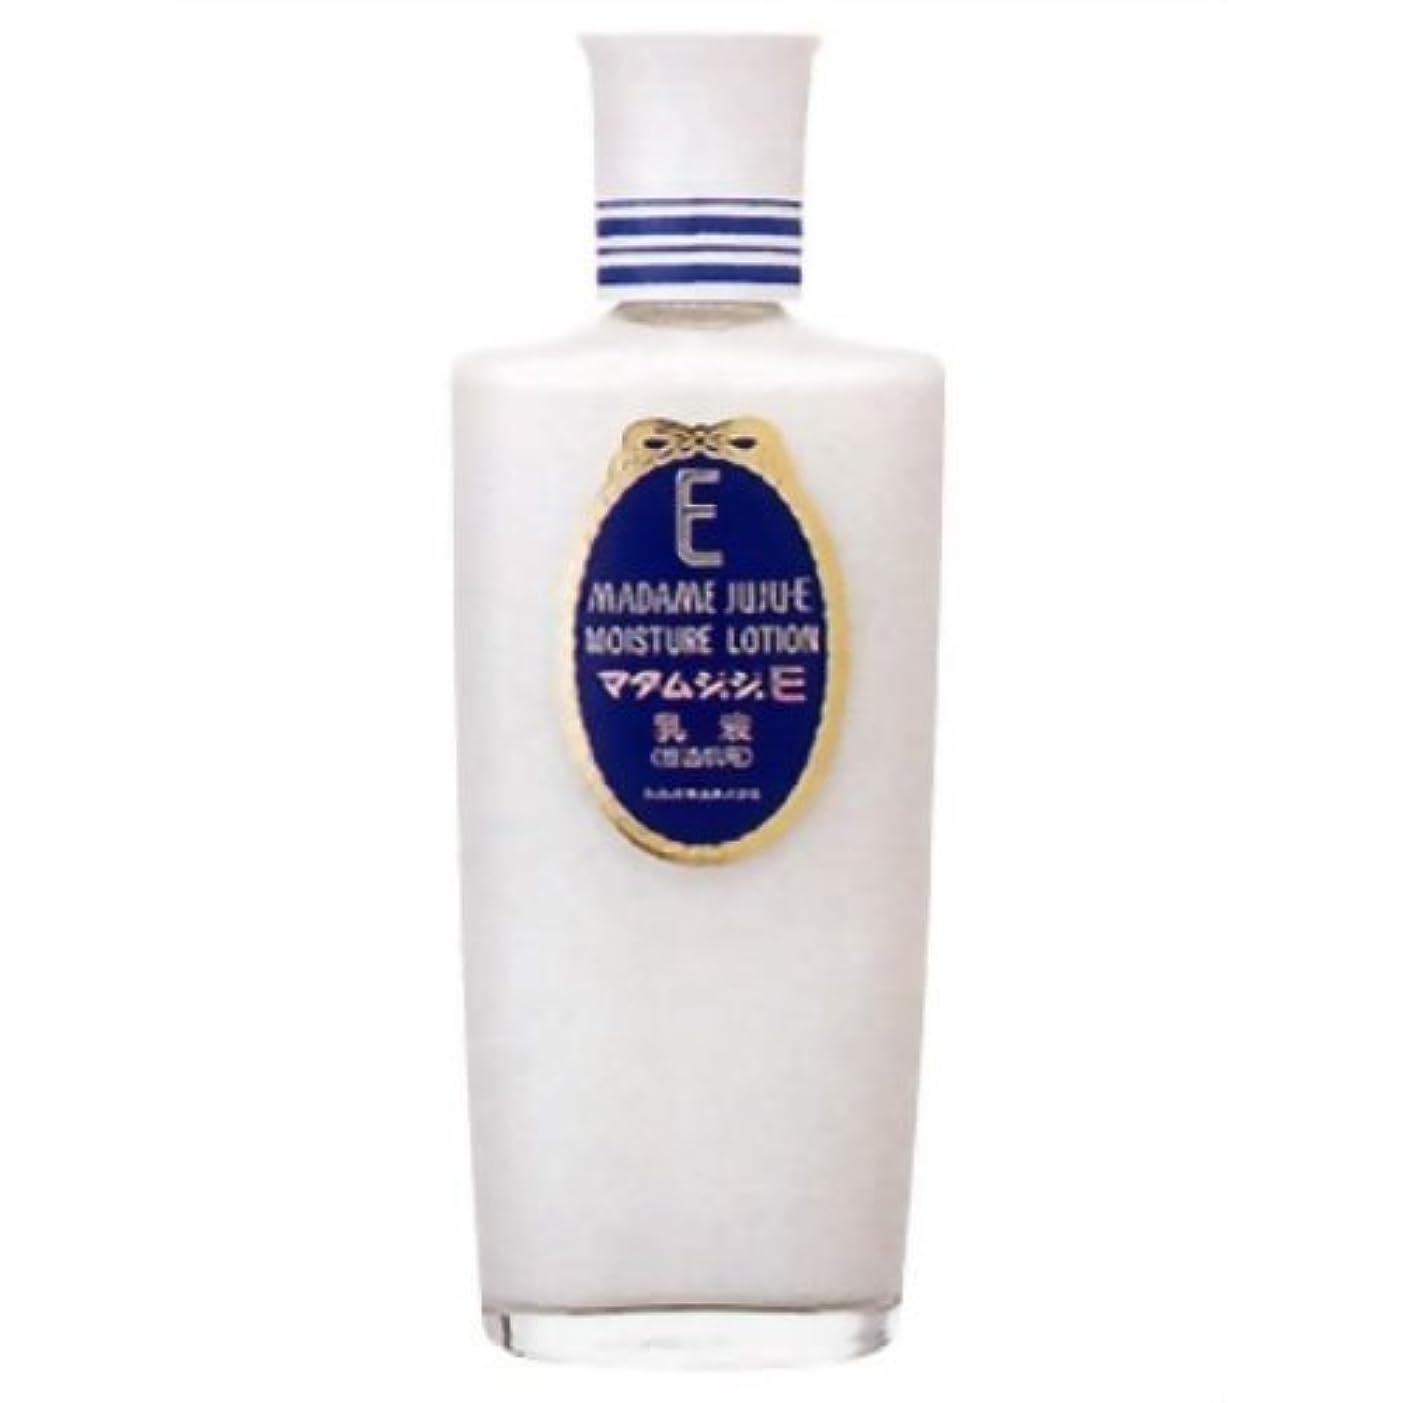 熟達寸法スタッフマダムジュジュE 乳液 ビタミンE+卵黄リポイド配合 150ml